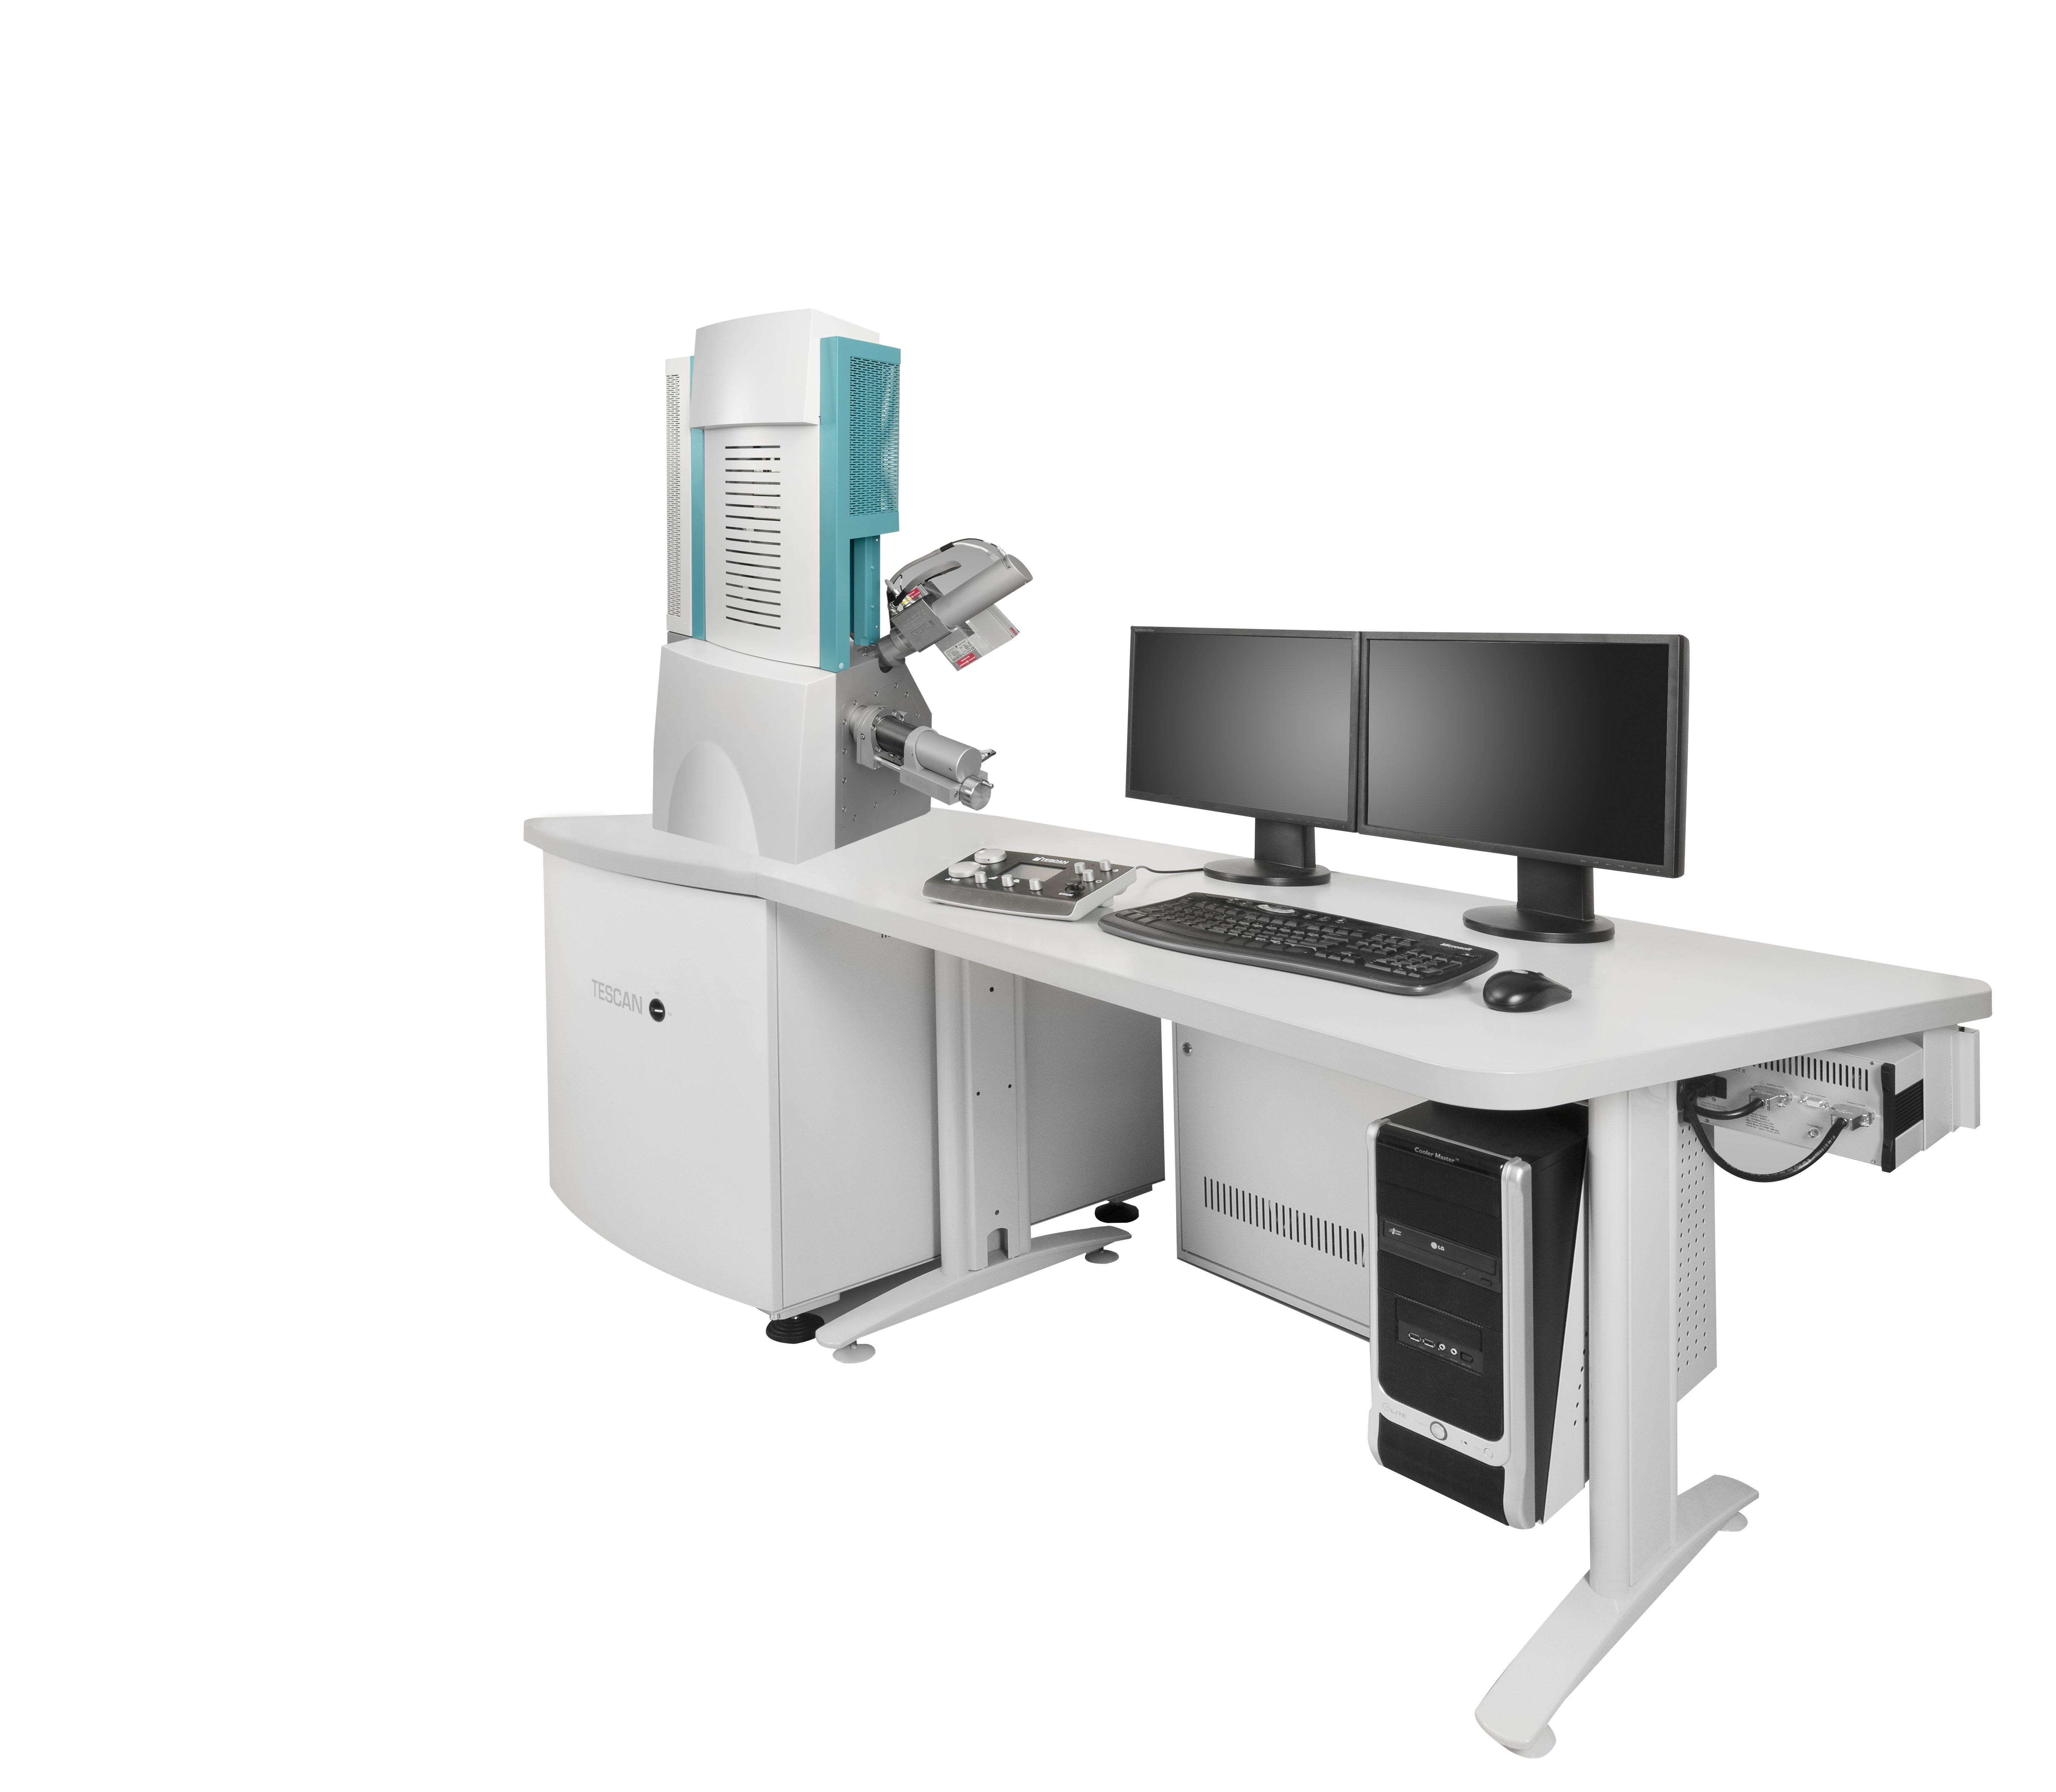 复旦大学高分子科学系和聚合物分子工程国家重点实验室共享仪器平台